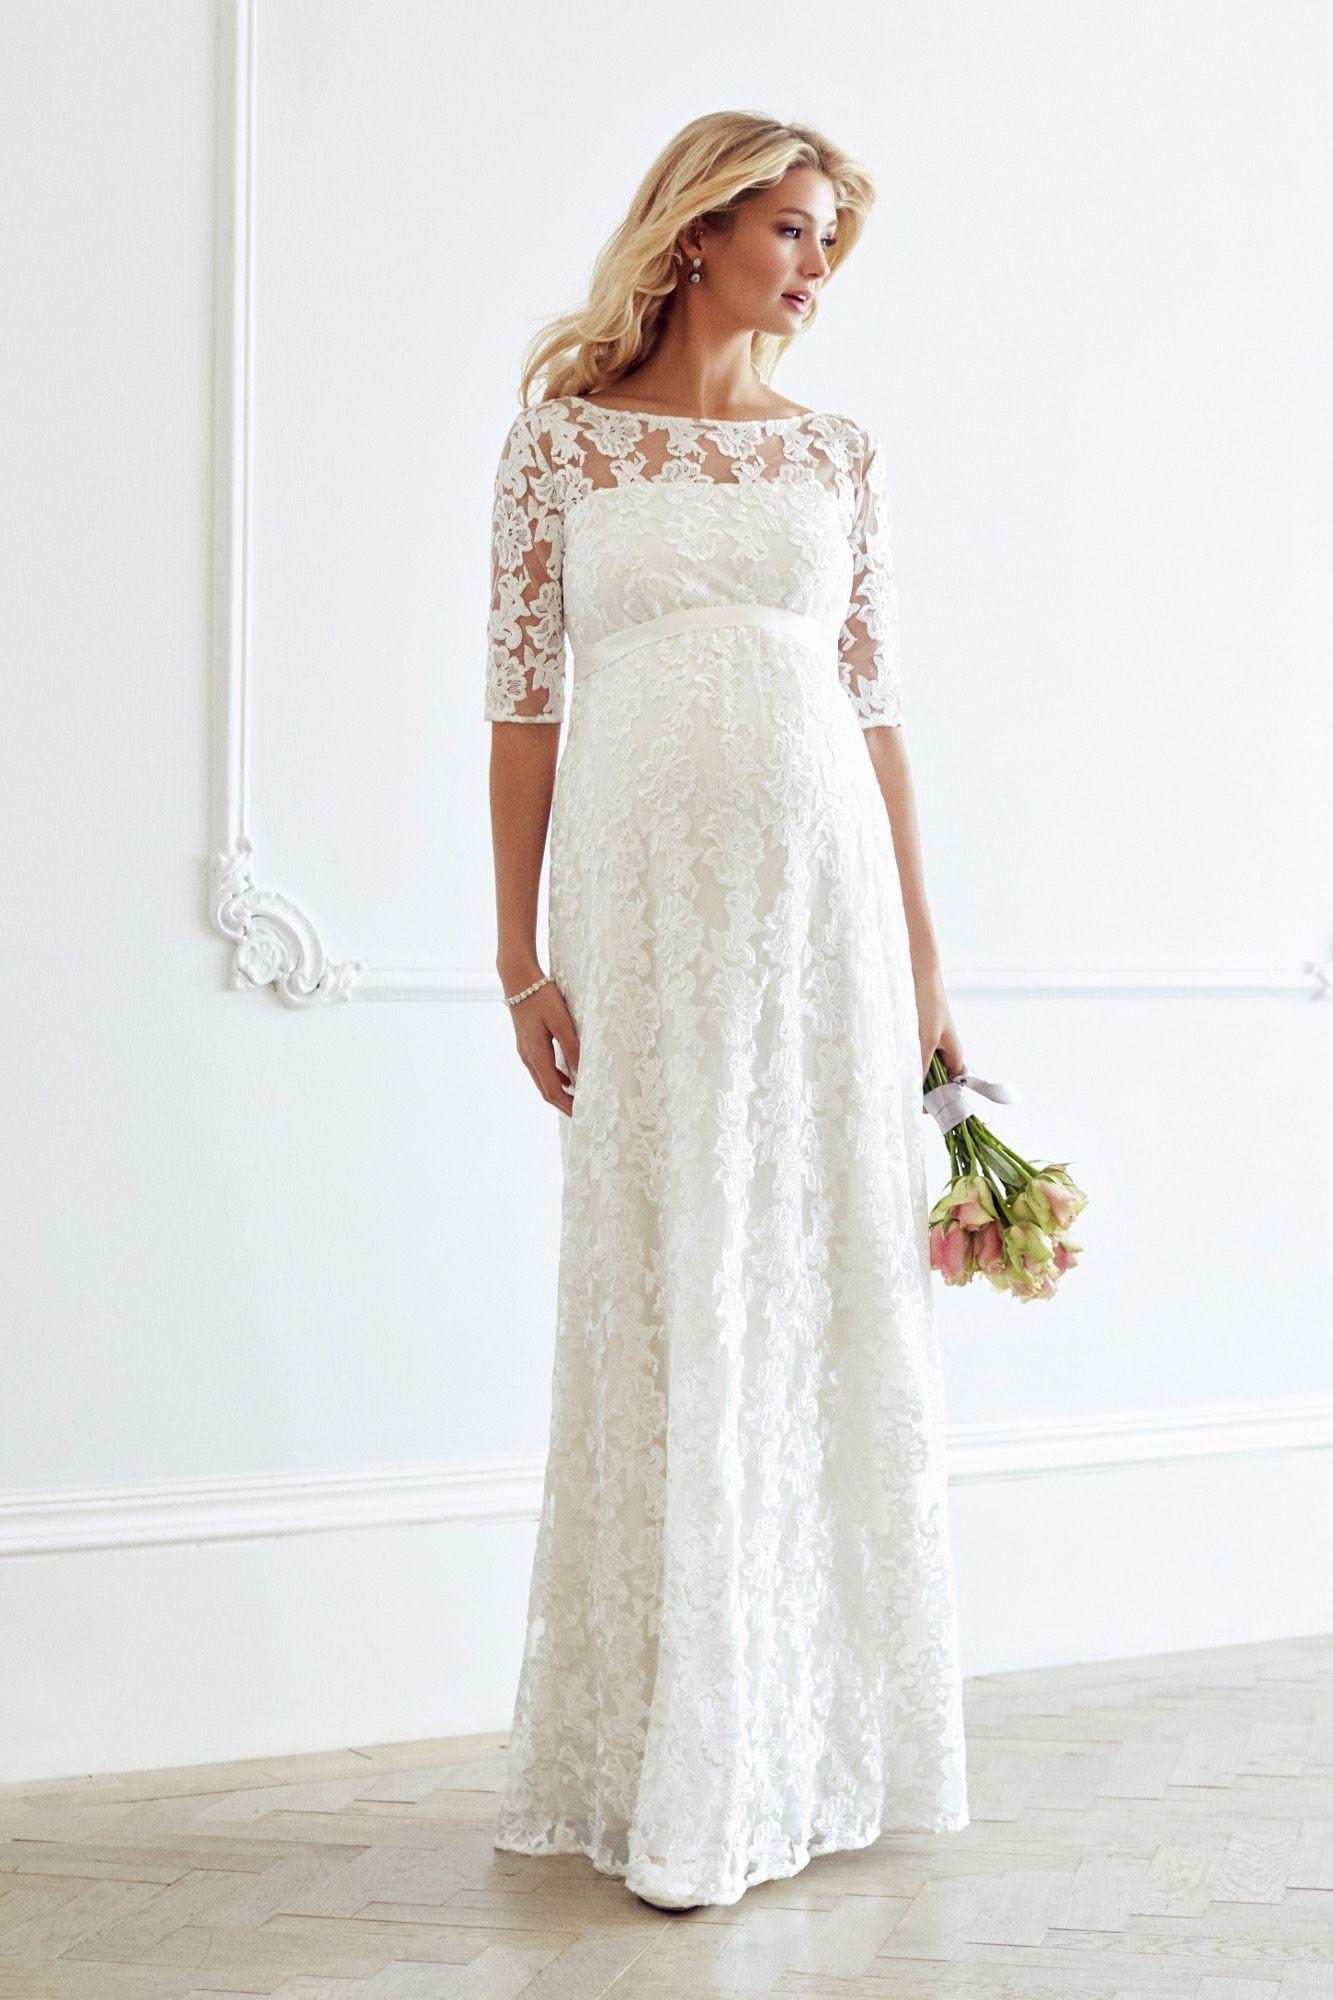 Langes Brautkleid Von Tiffany Rose In 2020 Umstandskleid Hochzeit Braut Kleid Hochzeit